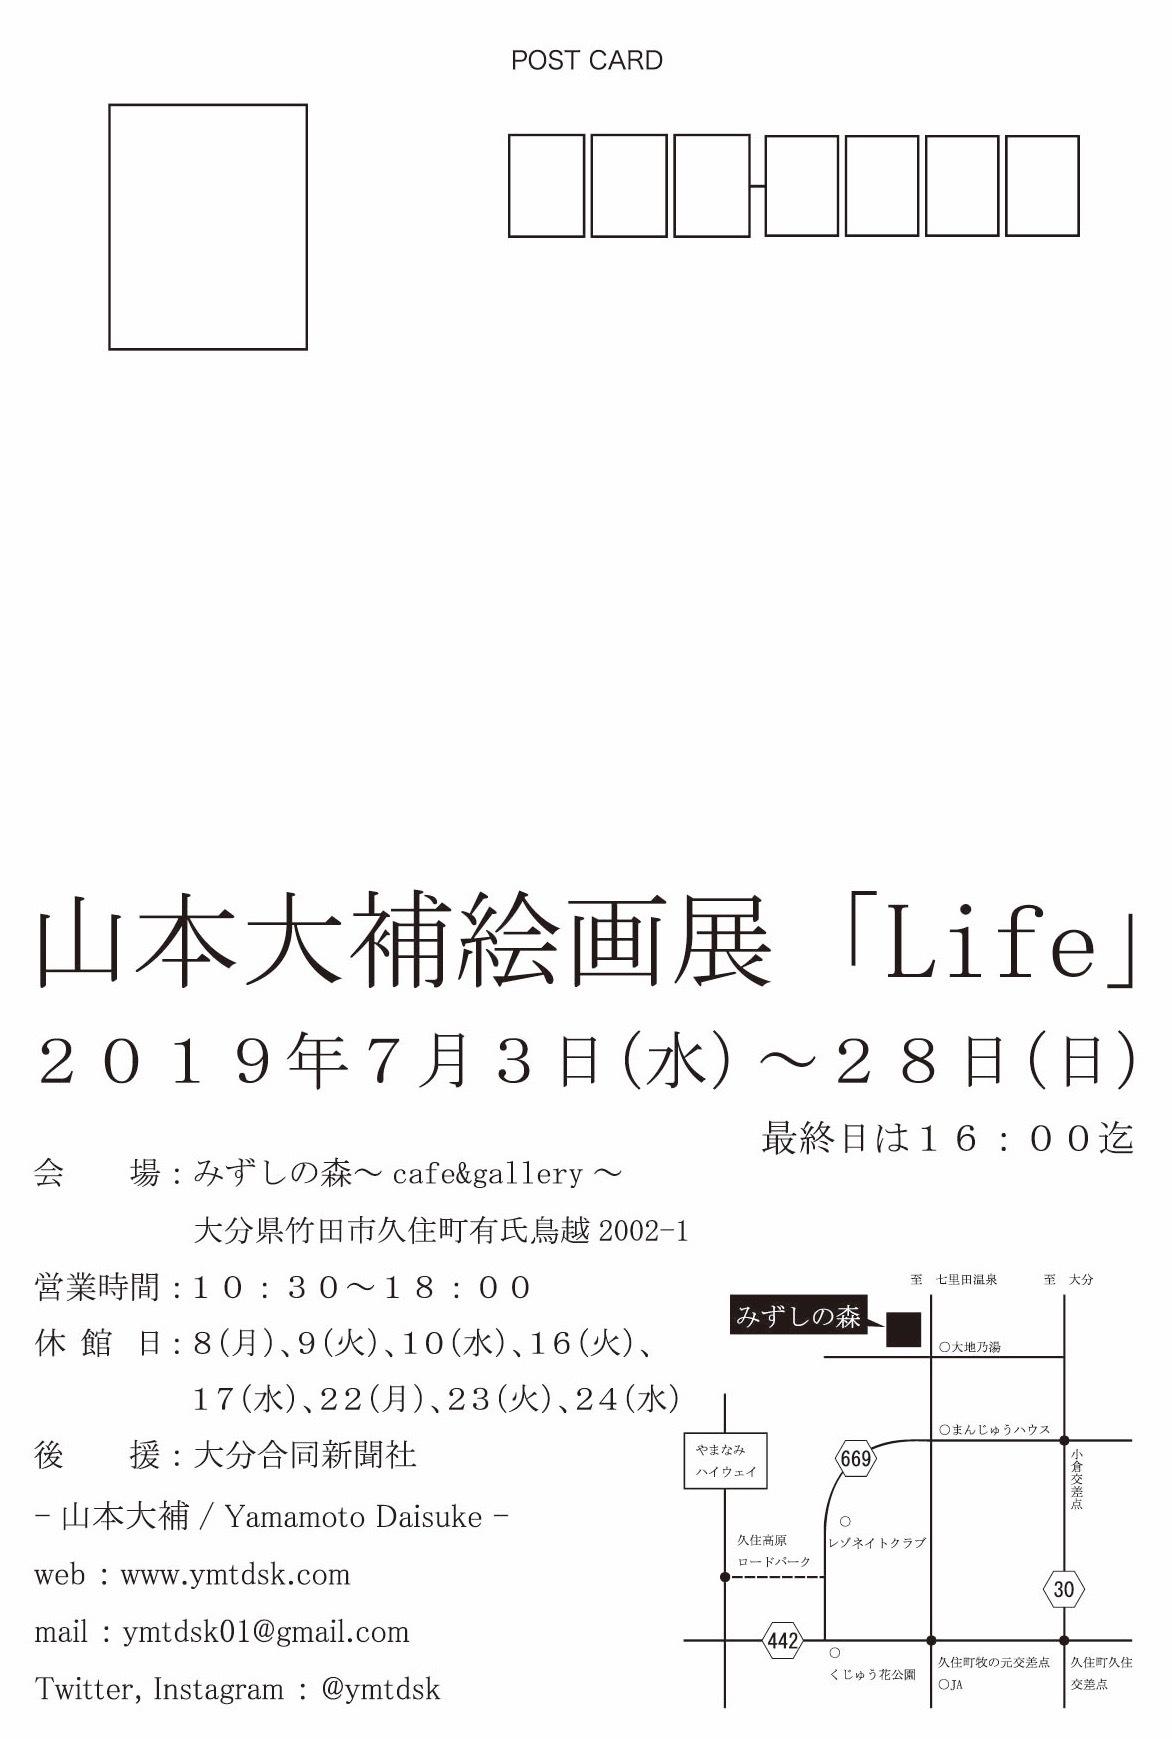 ★山本大補絵画展「Life」開催します。_e0193561_23120206.jpg